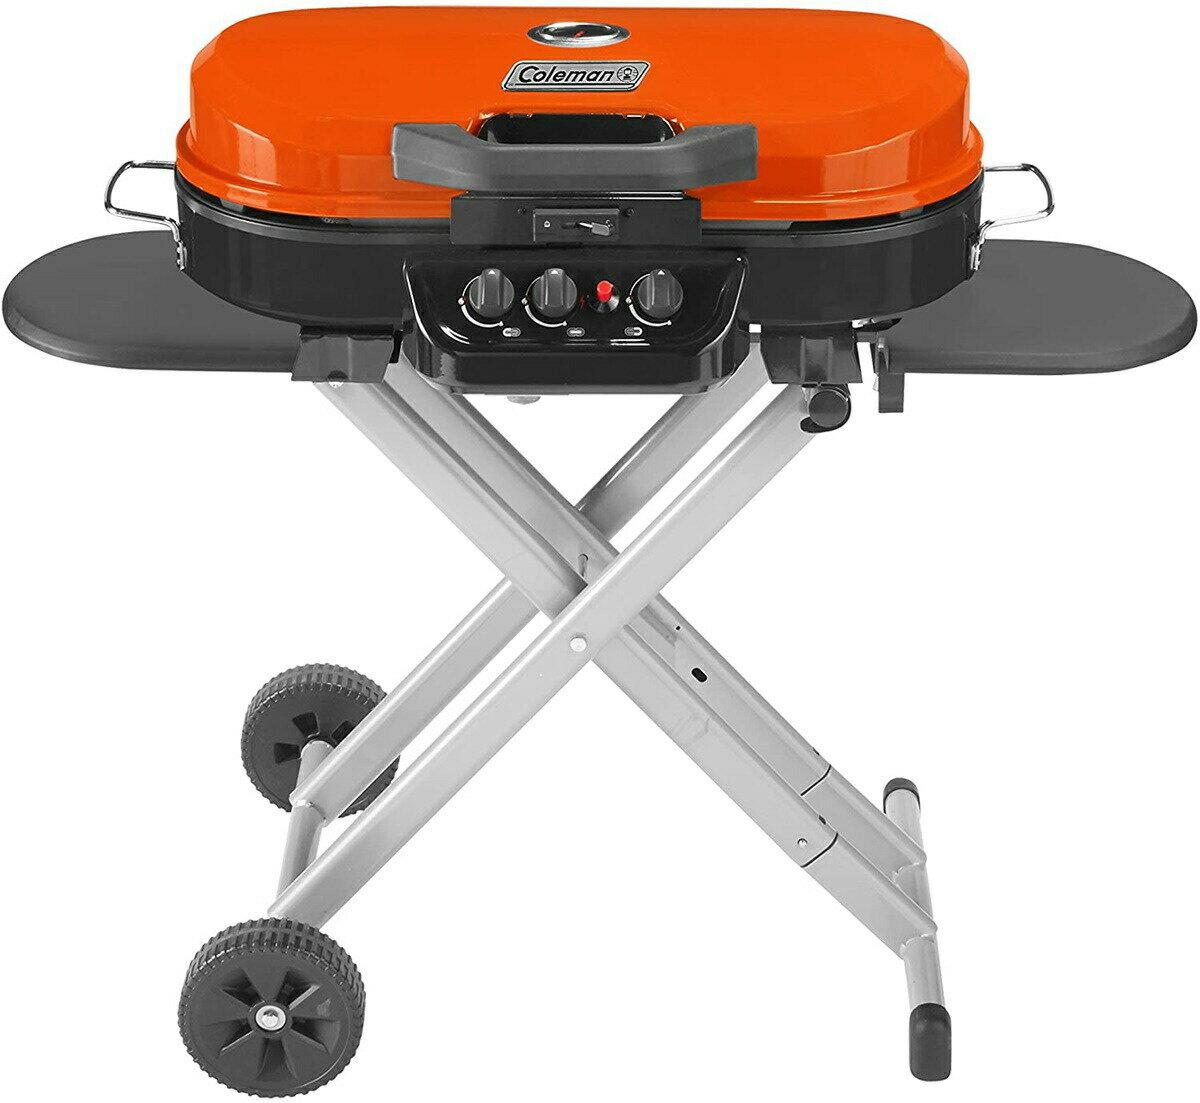 バーべキュー・クッキング用品, バーベキューコンロ 5 285 Coleman RoadTrip 285 Portable Stand-Up Propane Grill